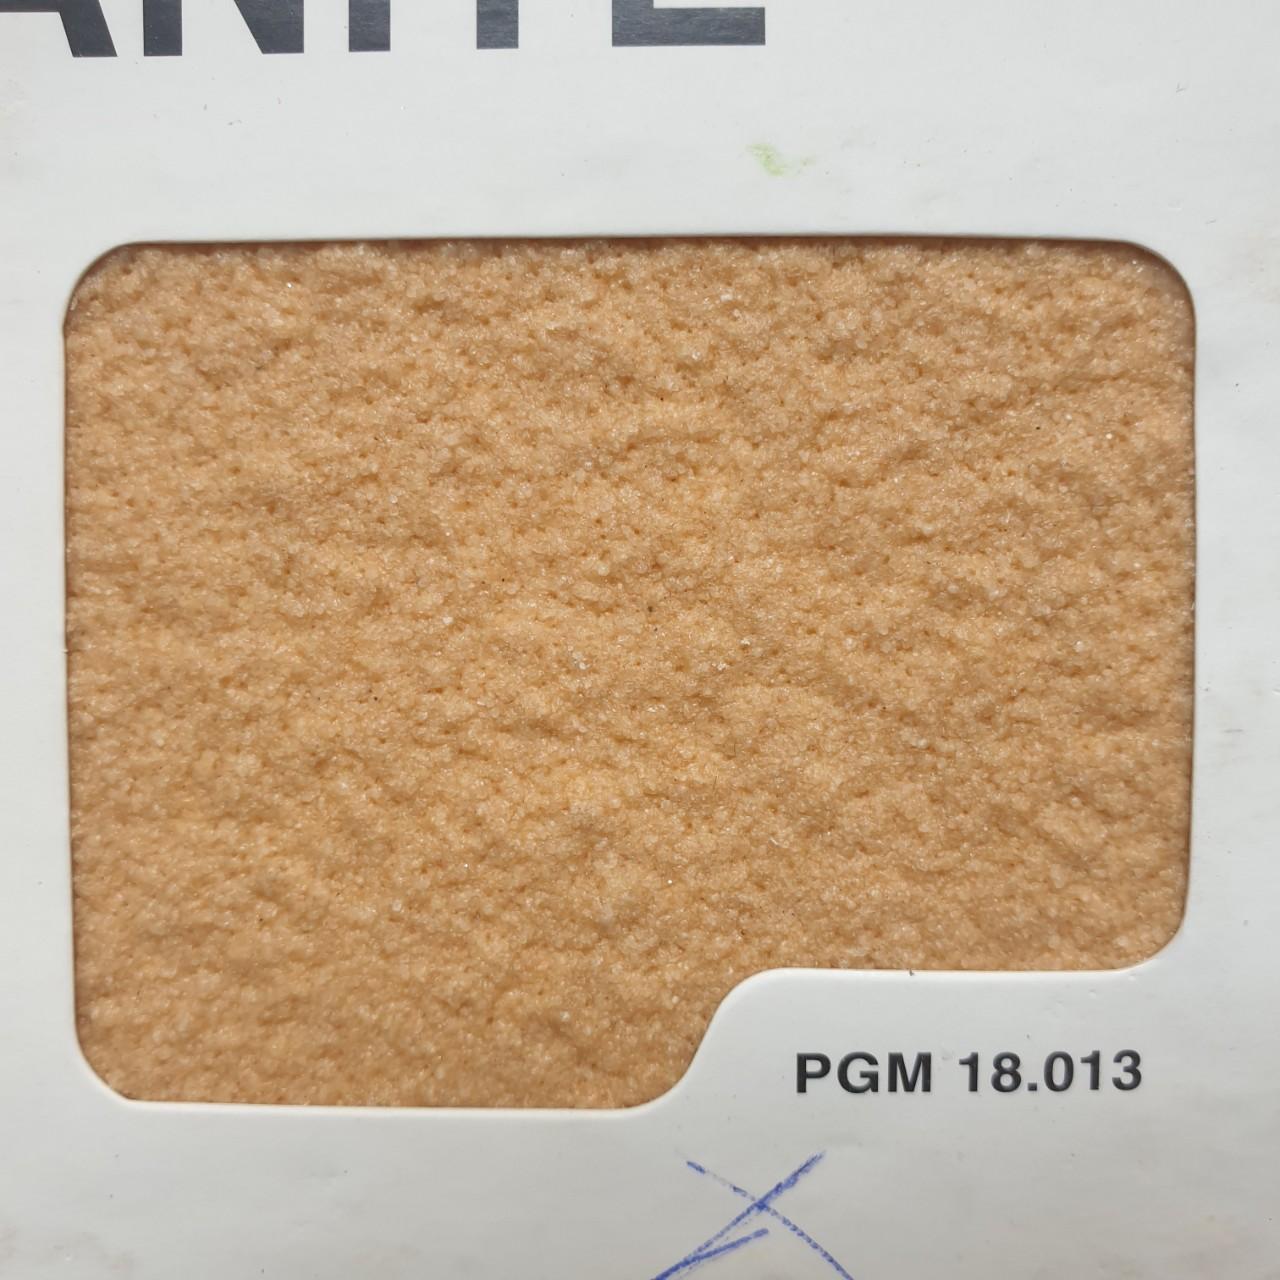 PGM 18.013